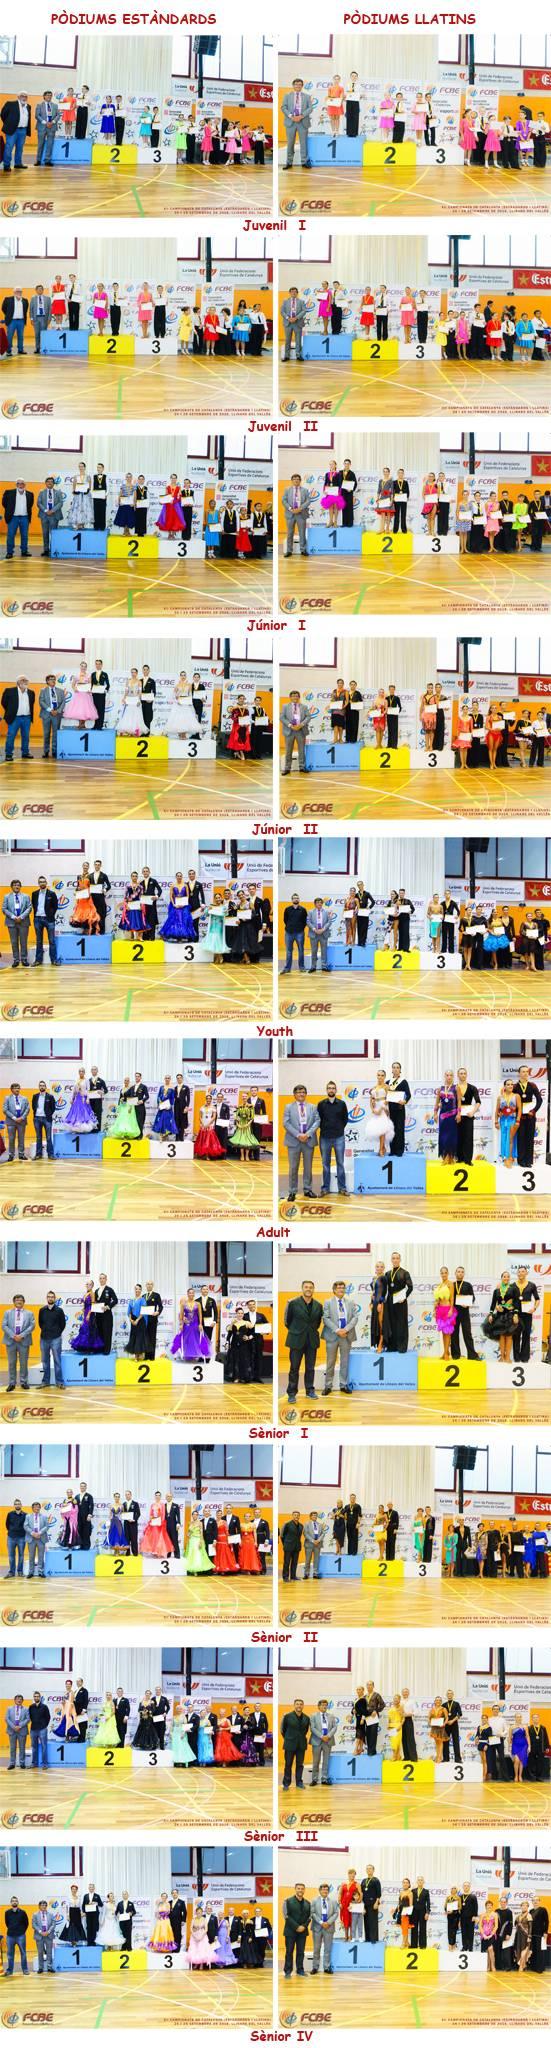 Campionats de Catalunya 2016 (Estàndards i Llatins). Imatges dels Pòdiums  | Federació Catalana de Ball Esportiu